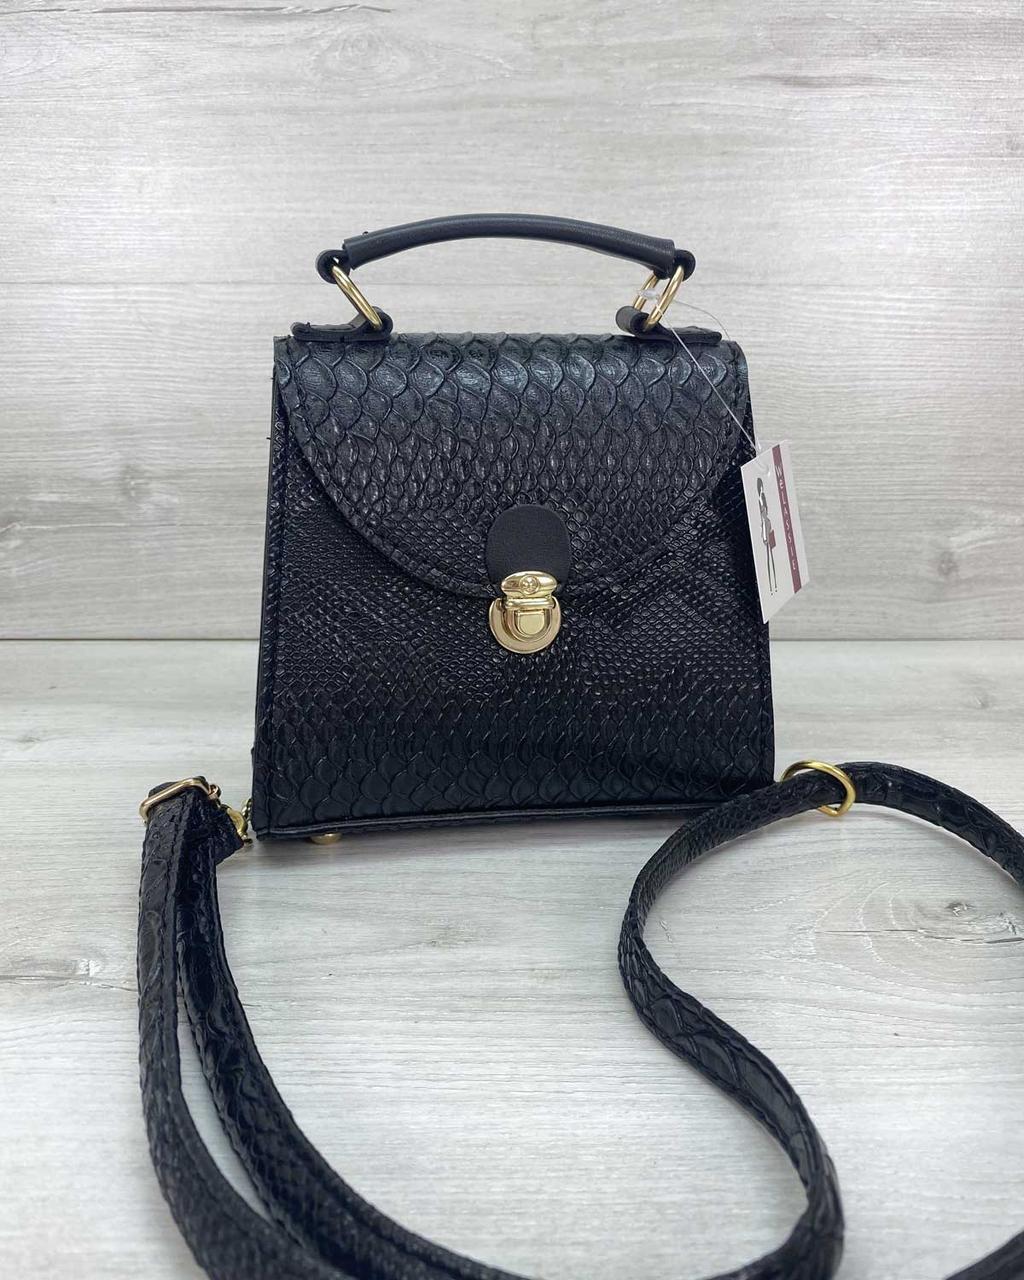 Женская сумка маленькая черная молодежная под змею на плечевом ремне